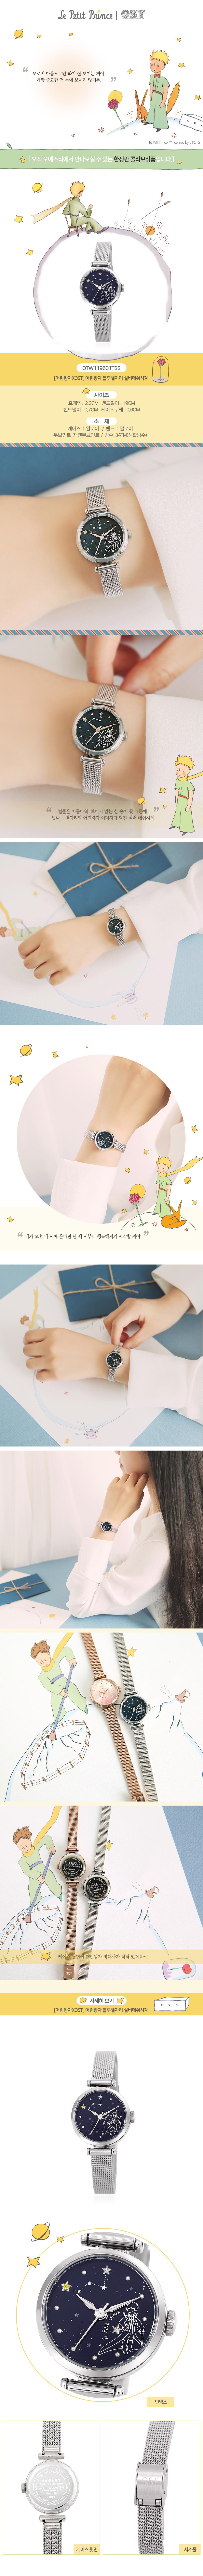 오에스티(OST) [어린왕자XOST] 어린왕자 블루별자리 실버메쉬시계 OTW119601TSS